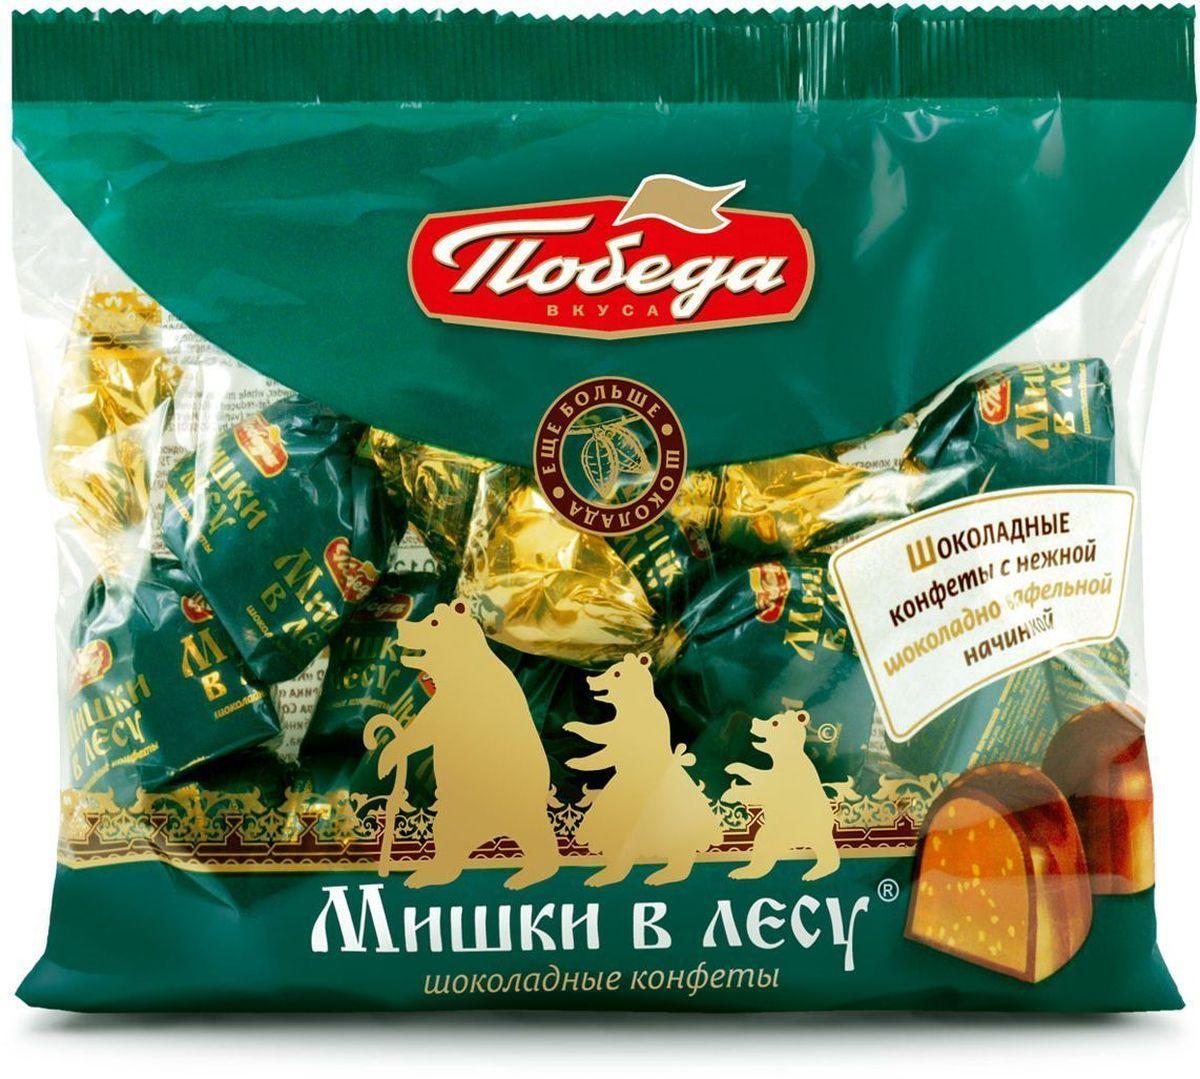 Победа вкуса Мишки в лесу шоколадные конфеты с шоколадно-вафельной начинкой, 200 г конфеты шоколадные kinder choco bons 46 г